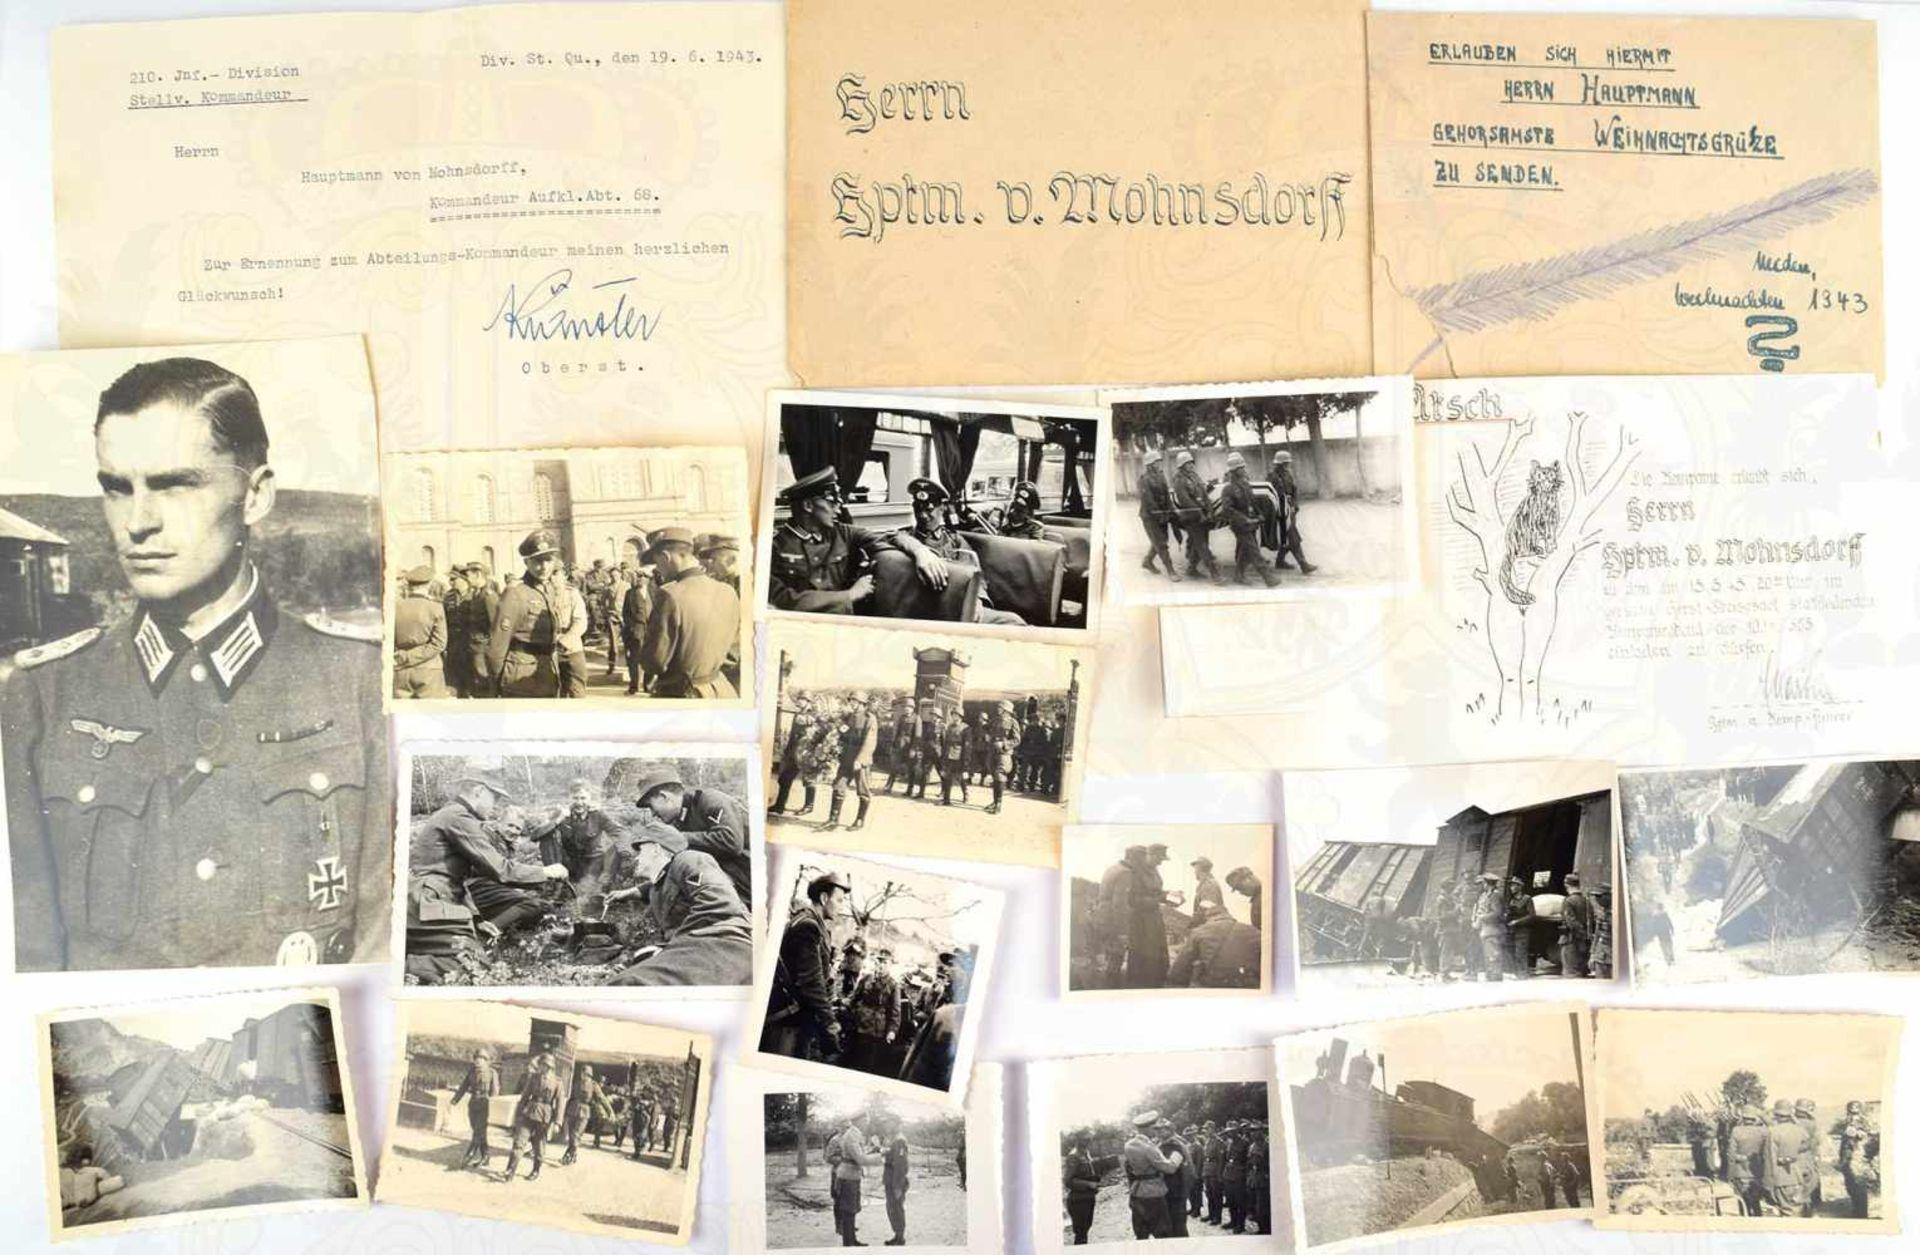 FOTO-/DOKUMENTENNACHLASS, Major Hans Erich von Mohnsdorff, (Hannover 1915, gefallen 30.9. 1944 in